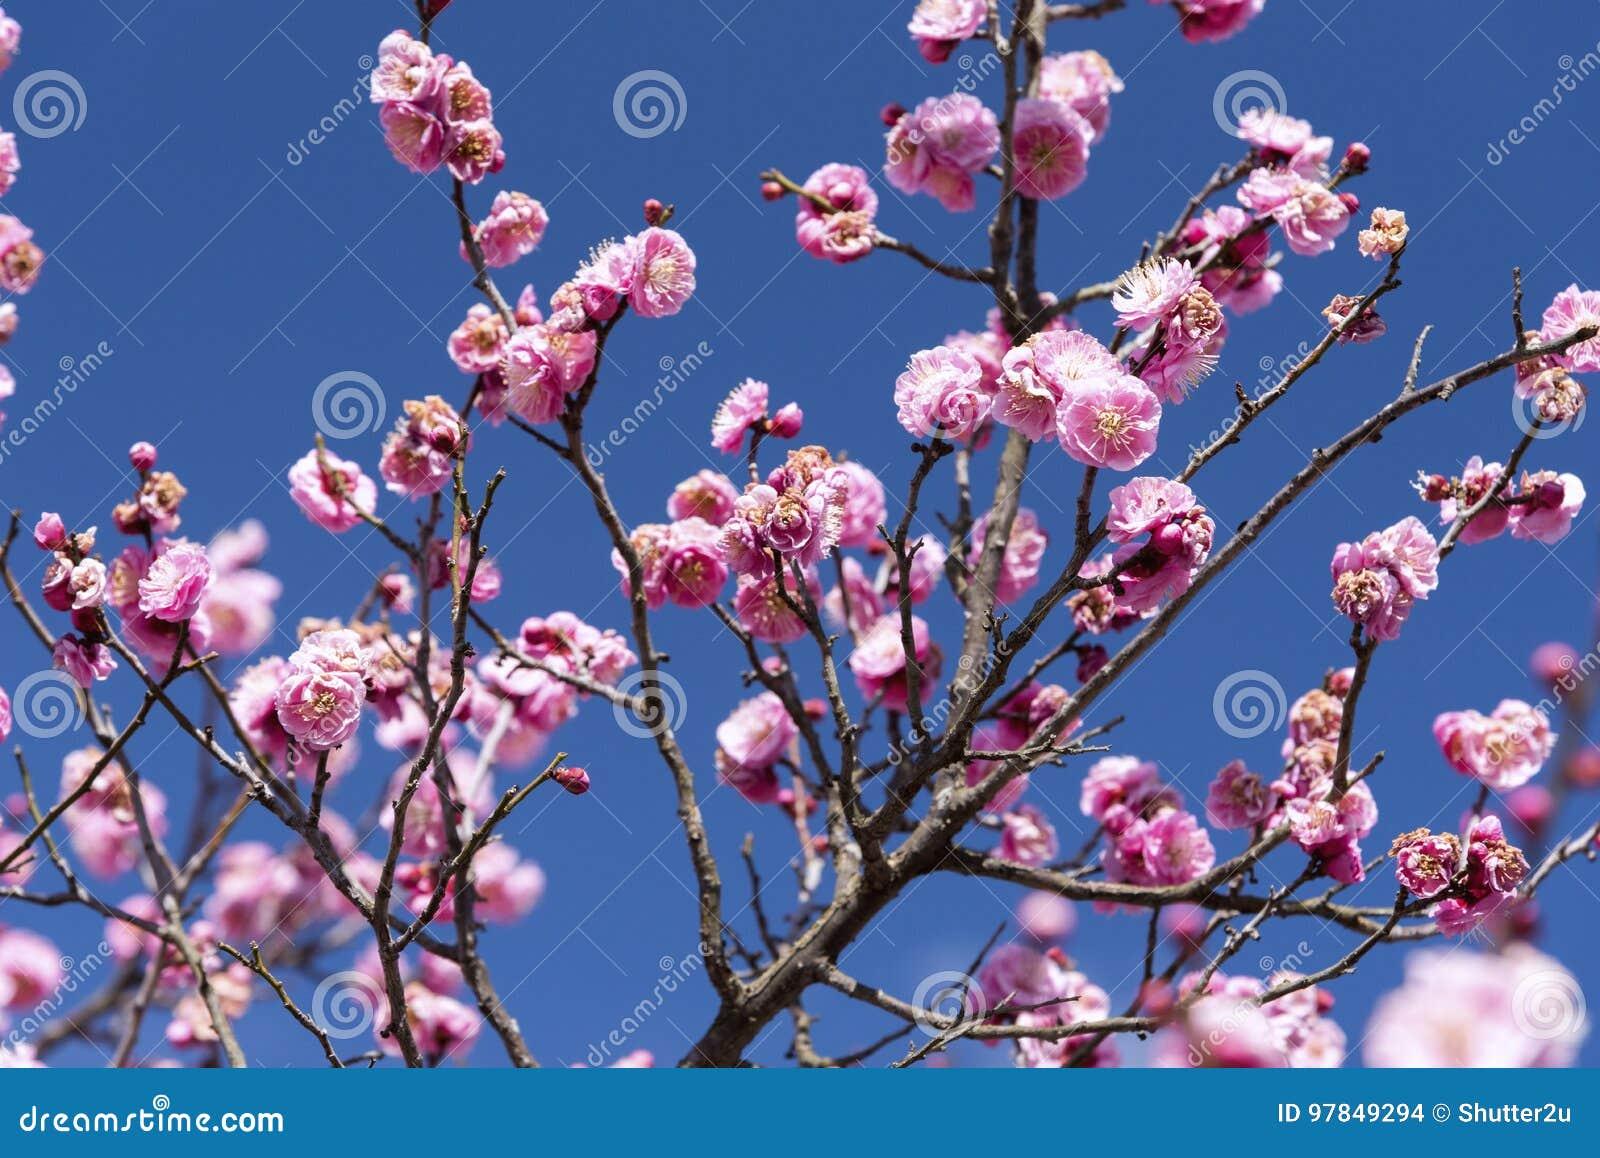 Roze Bloemen van Cherry Plum-boom of Ume in de Japanse, bloem van Japan, Schoonheidsconcept, Japans Kuuroordconcept